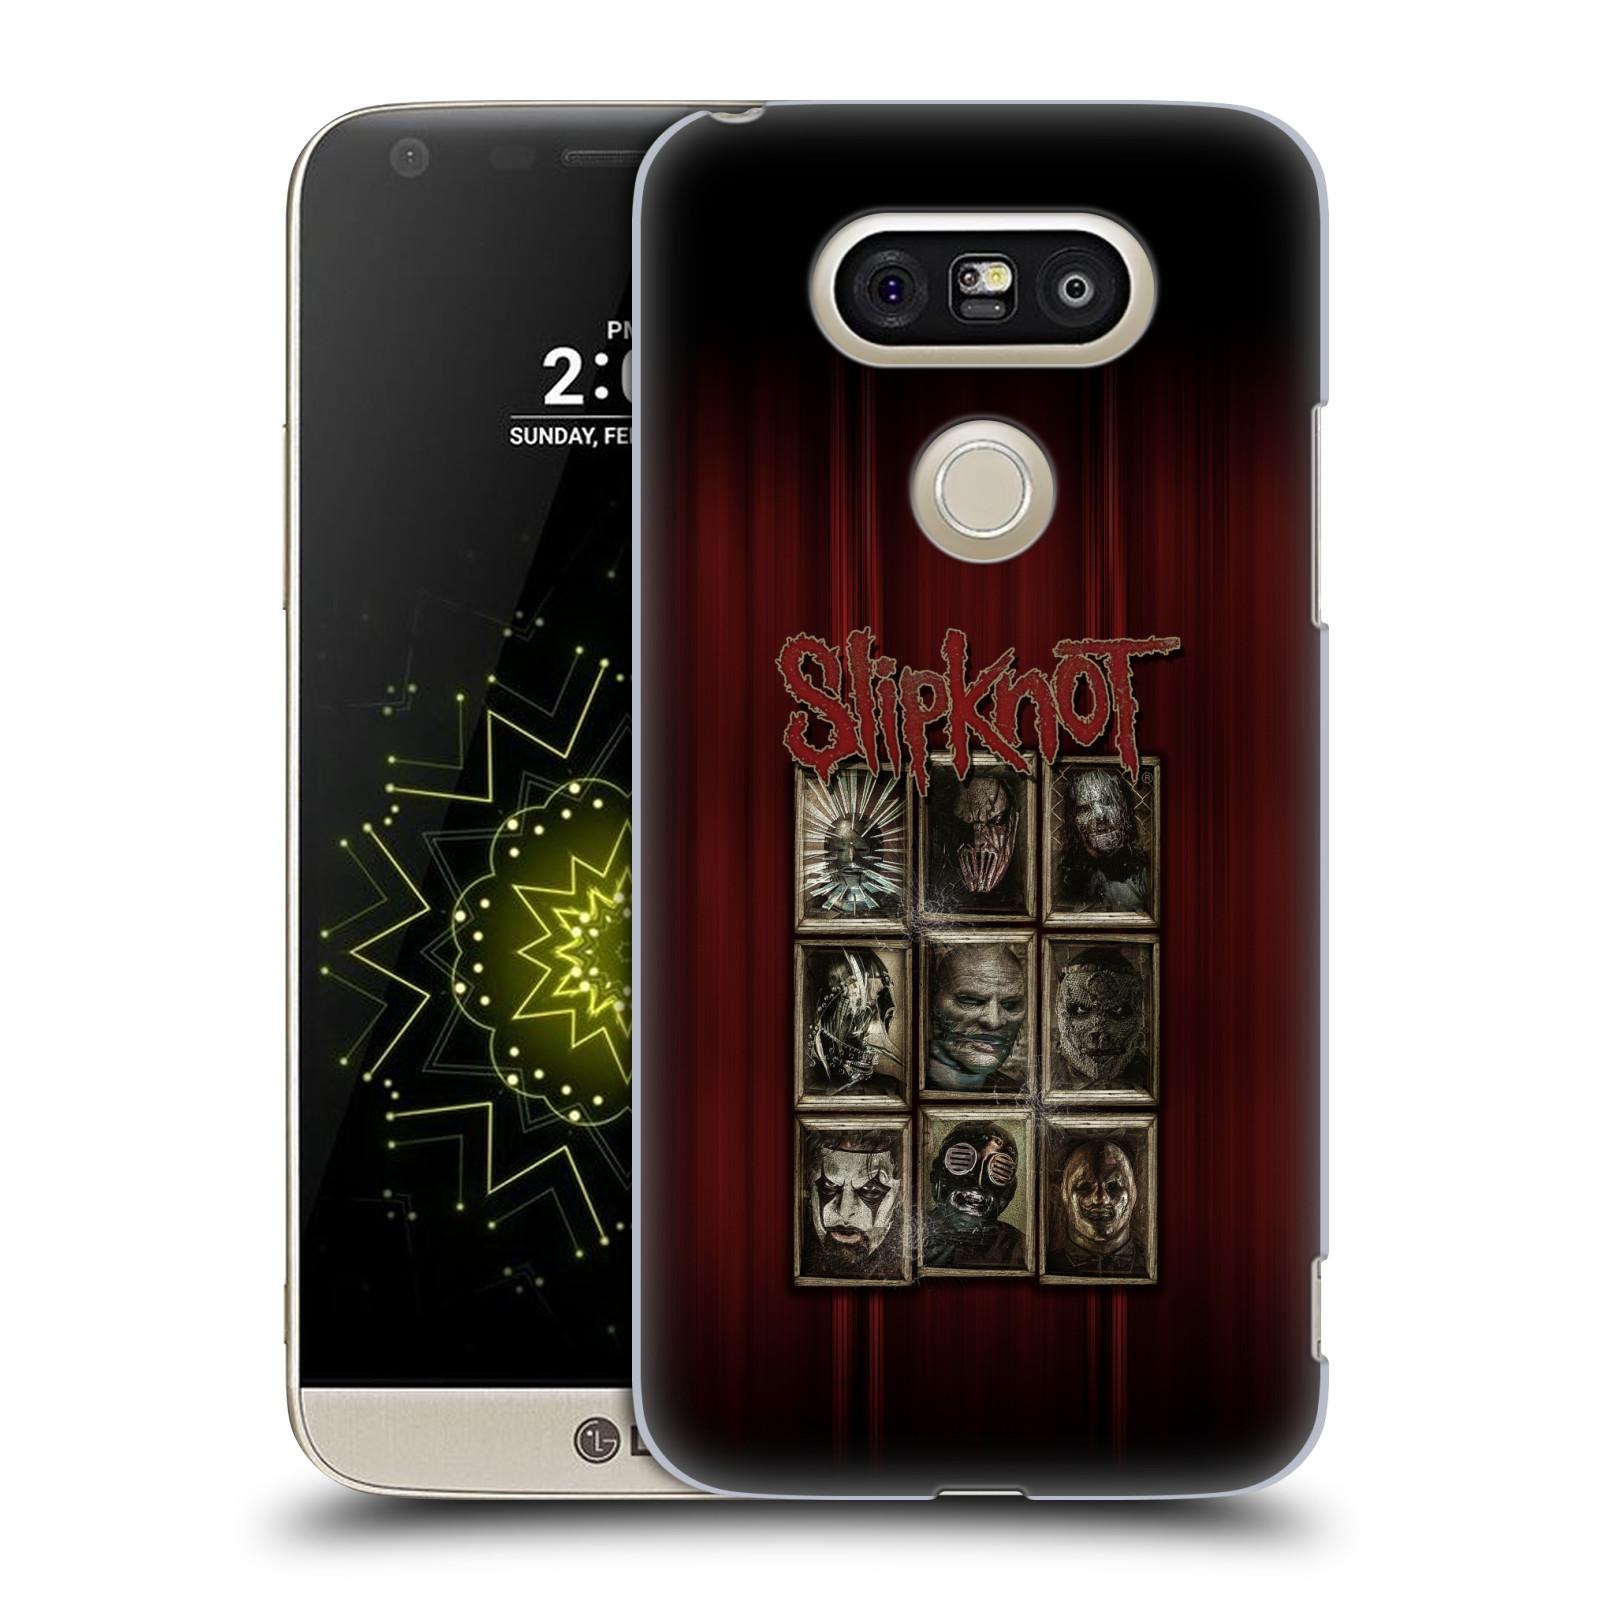 Plastové pouzdro na mobil LG G5 SE - Head Case - Slipknot - Masky (Plastový kryt či obal na mobilní telefon LG G5 SE H840 s motivem Slipknot - Masky)